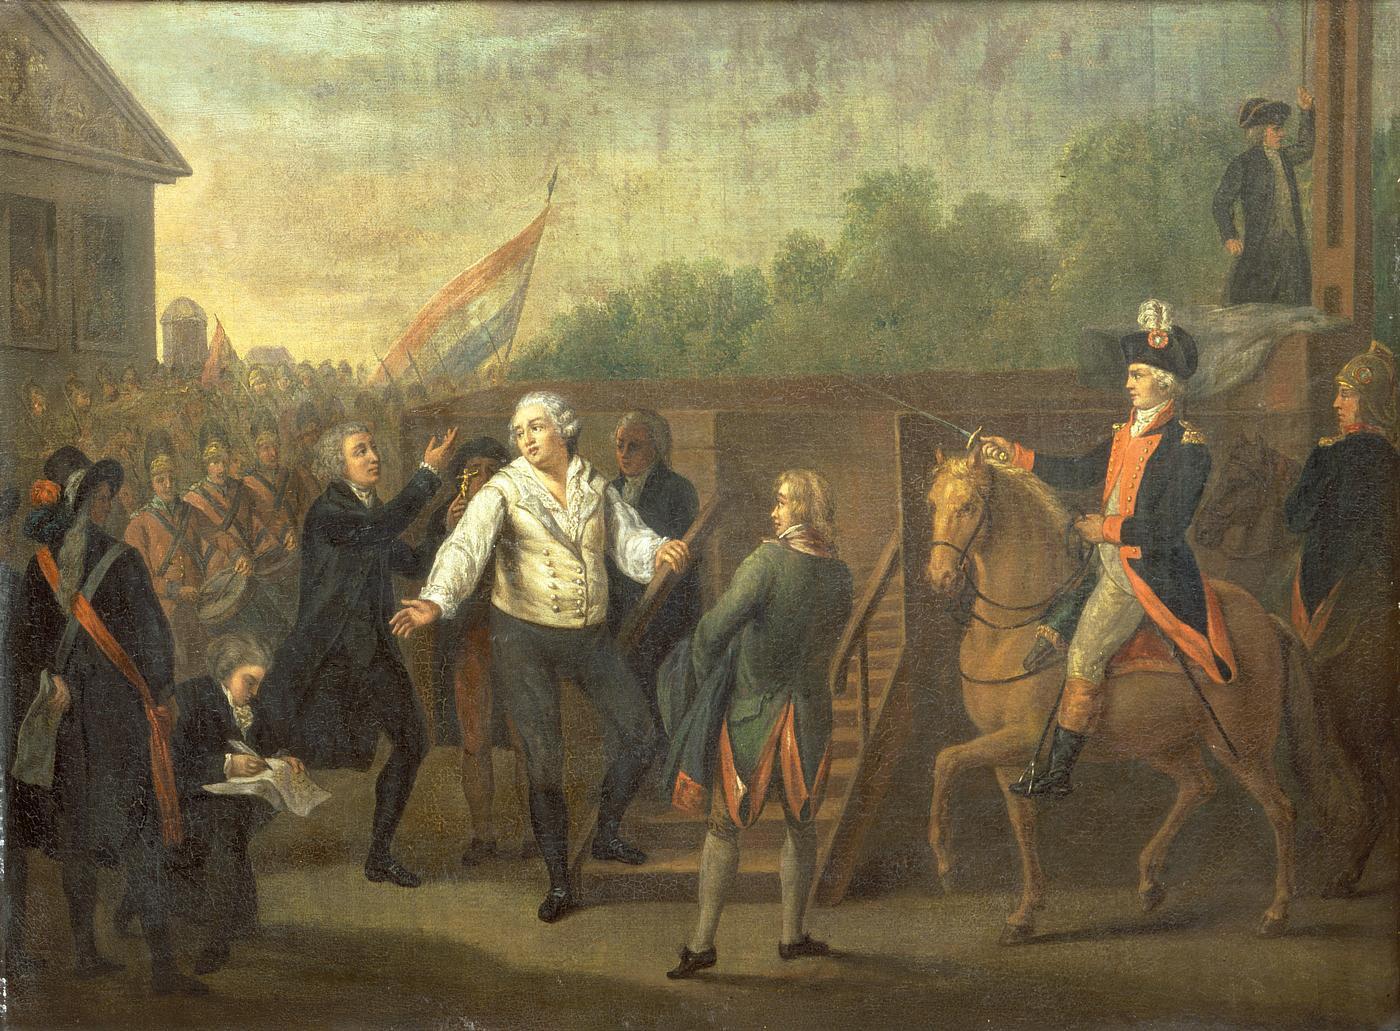 Louis XVI et l'Abbé Edgeworth de Firmont au pied de l'échafaud, le 21 janvier 1793 par Charles BENAZECH